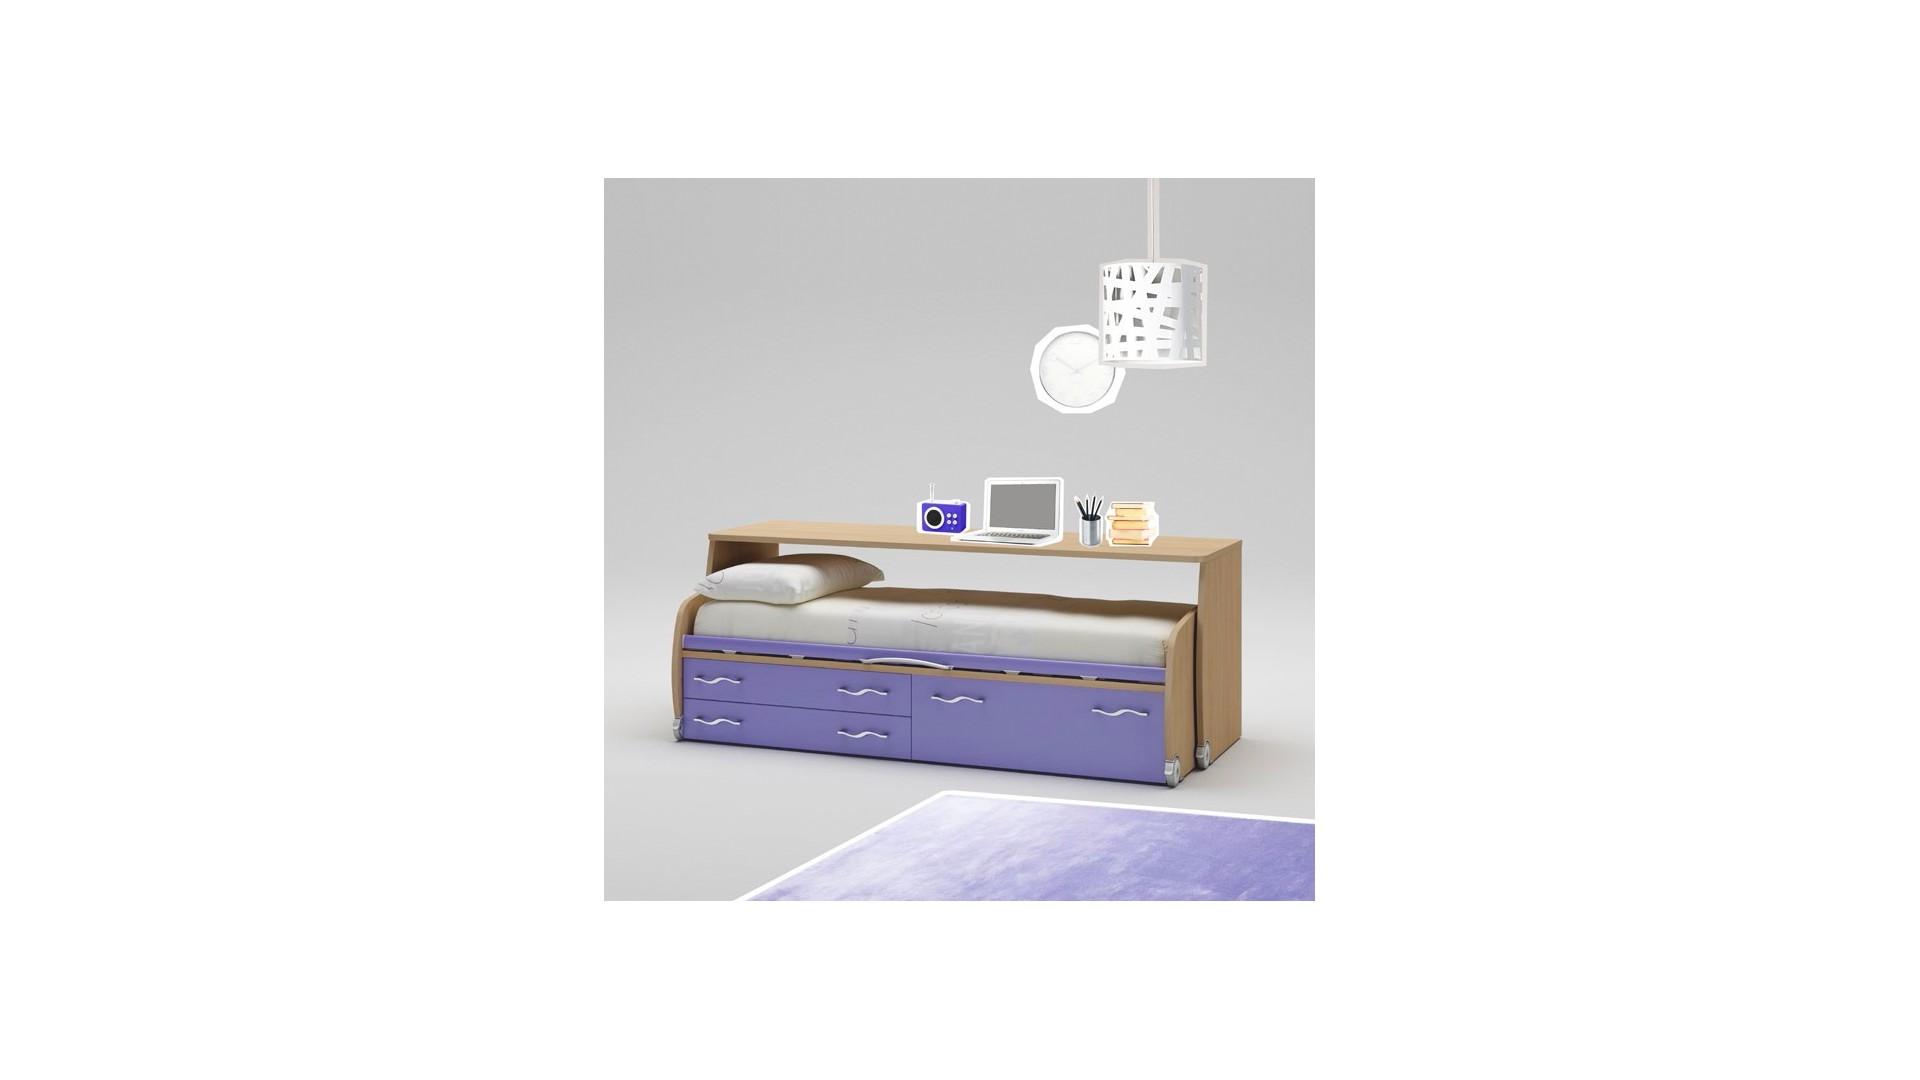 Lit tiroir PERSONNALISABLE WP004 avec bureau sur roulettes - MORETTI COMPACT